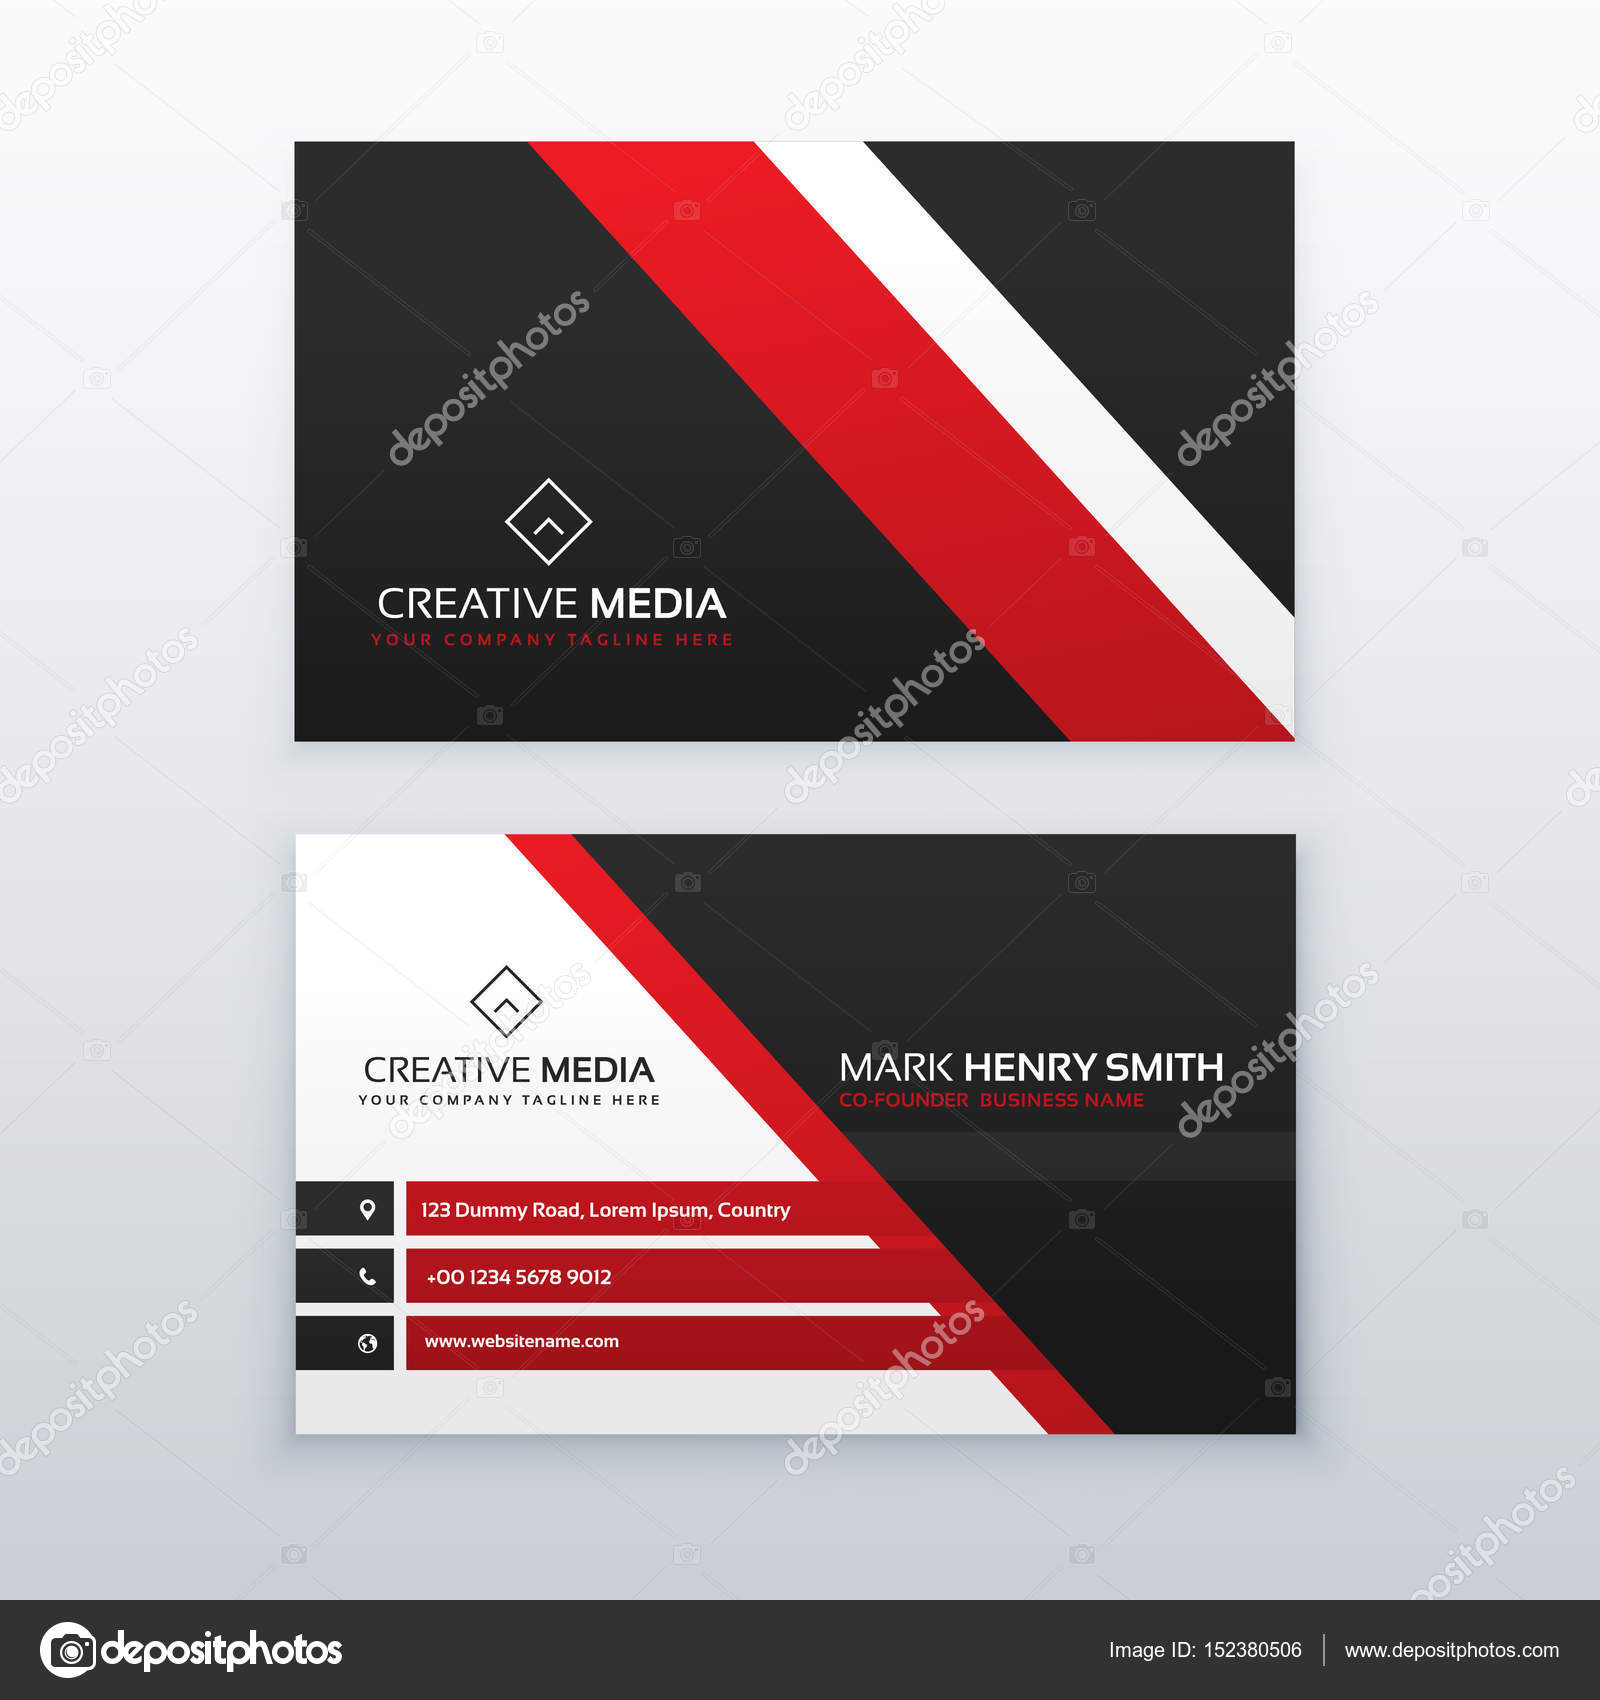 Rouge Et Noire Carte De Visite Professionnelle Votre Marque Image Vectorielle